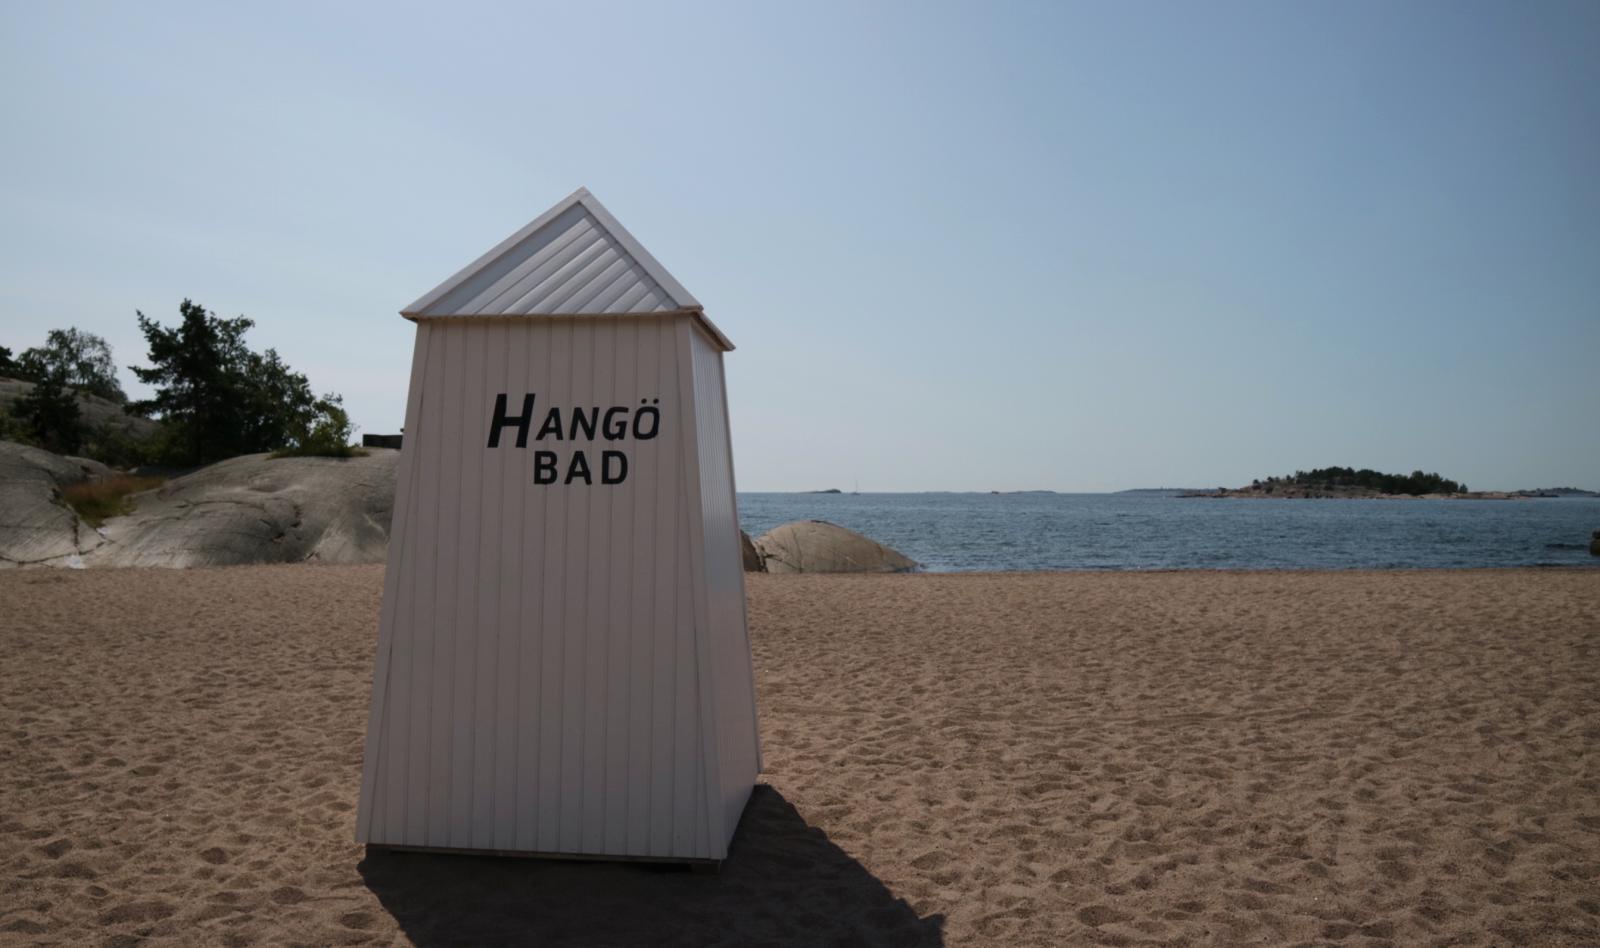 hanko_beach_kesä_summer_ranta_drivenow